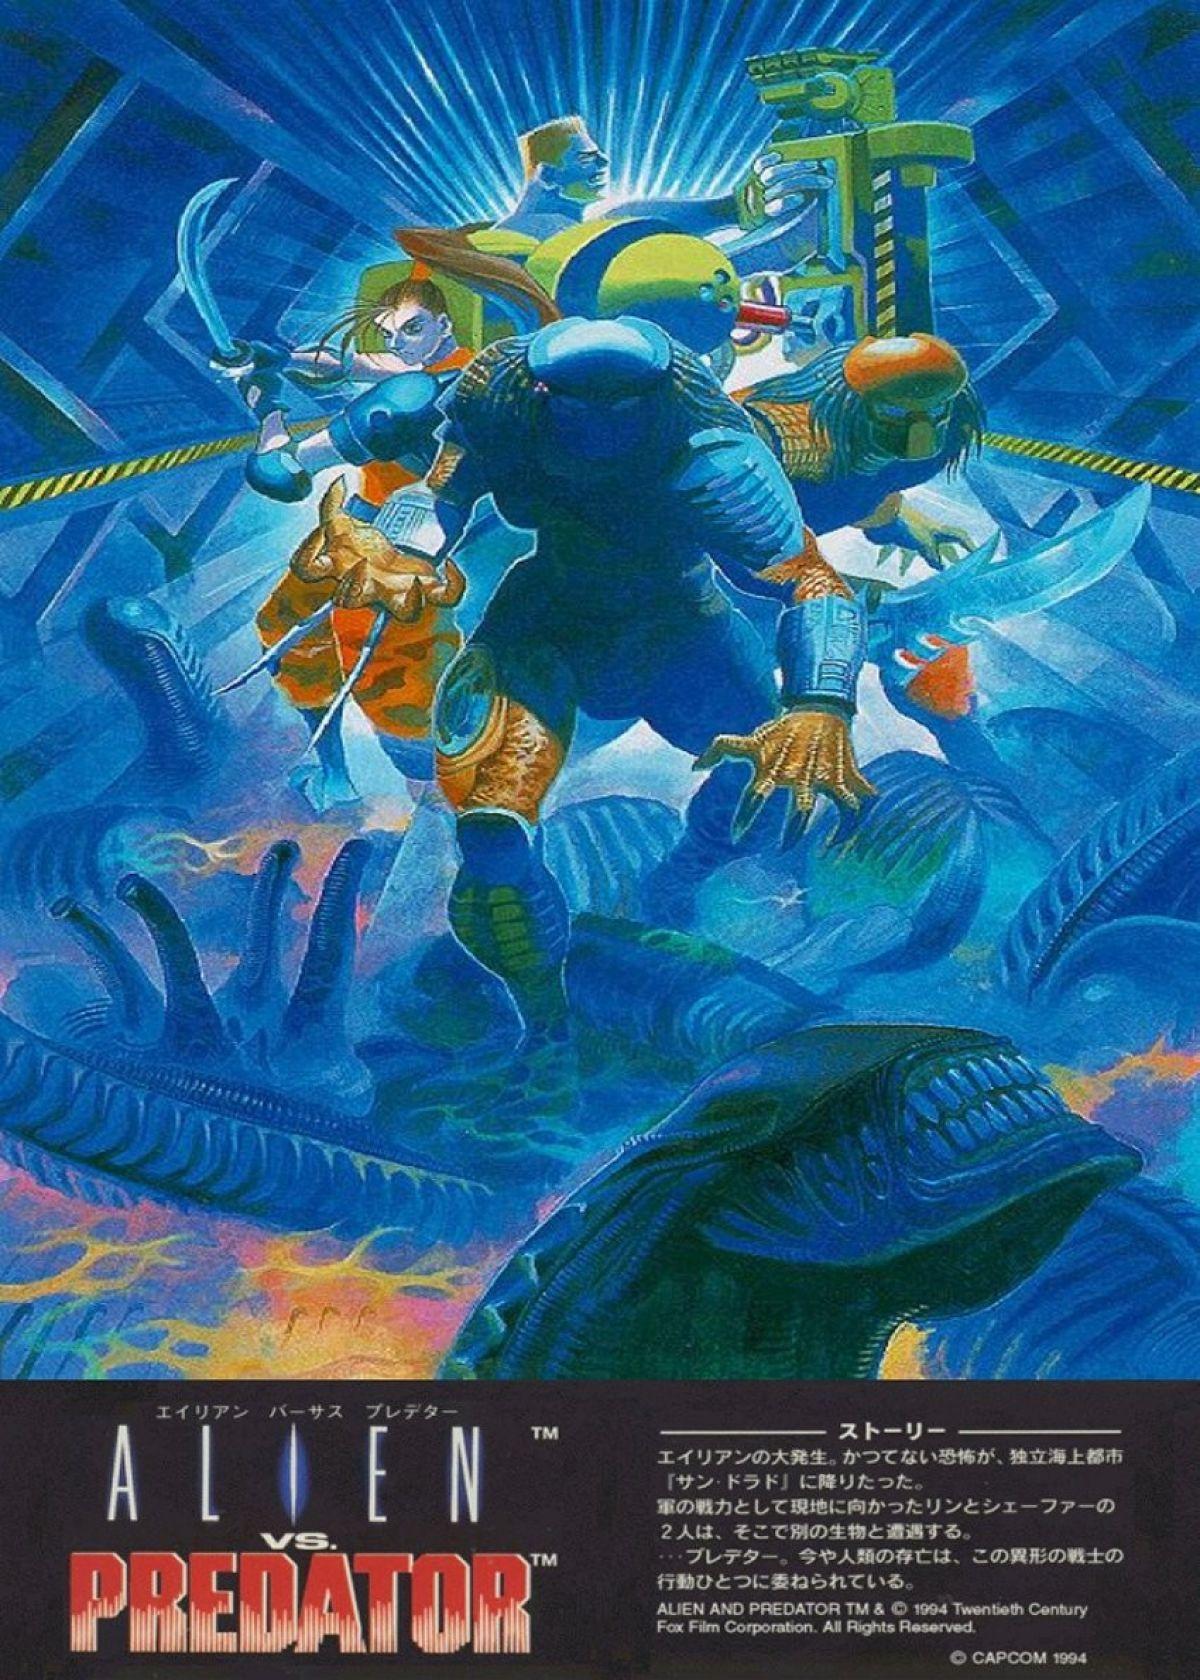 Alien Vs Predator (940520 Asia)